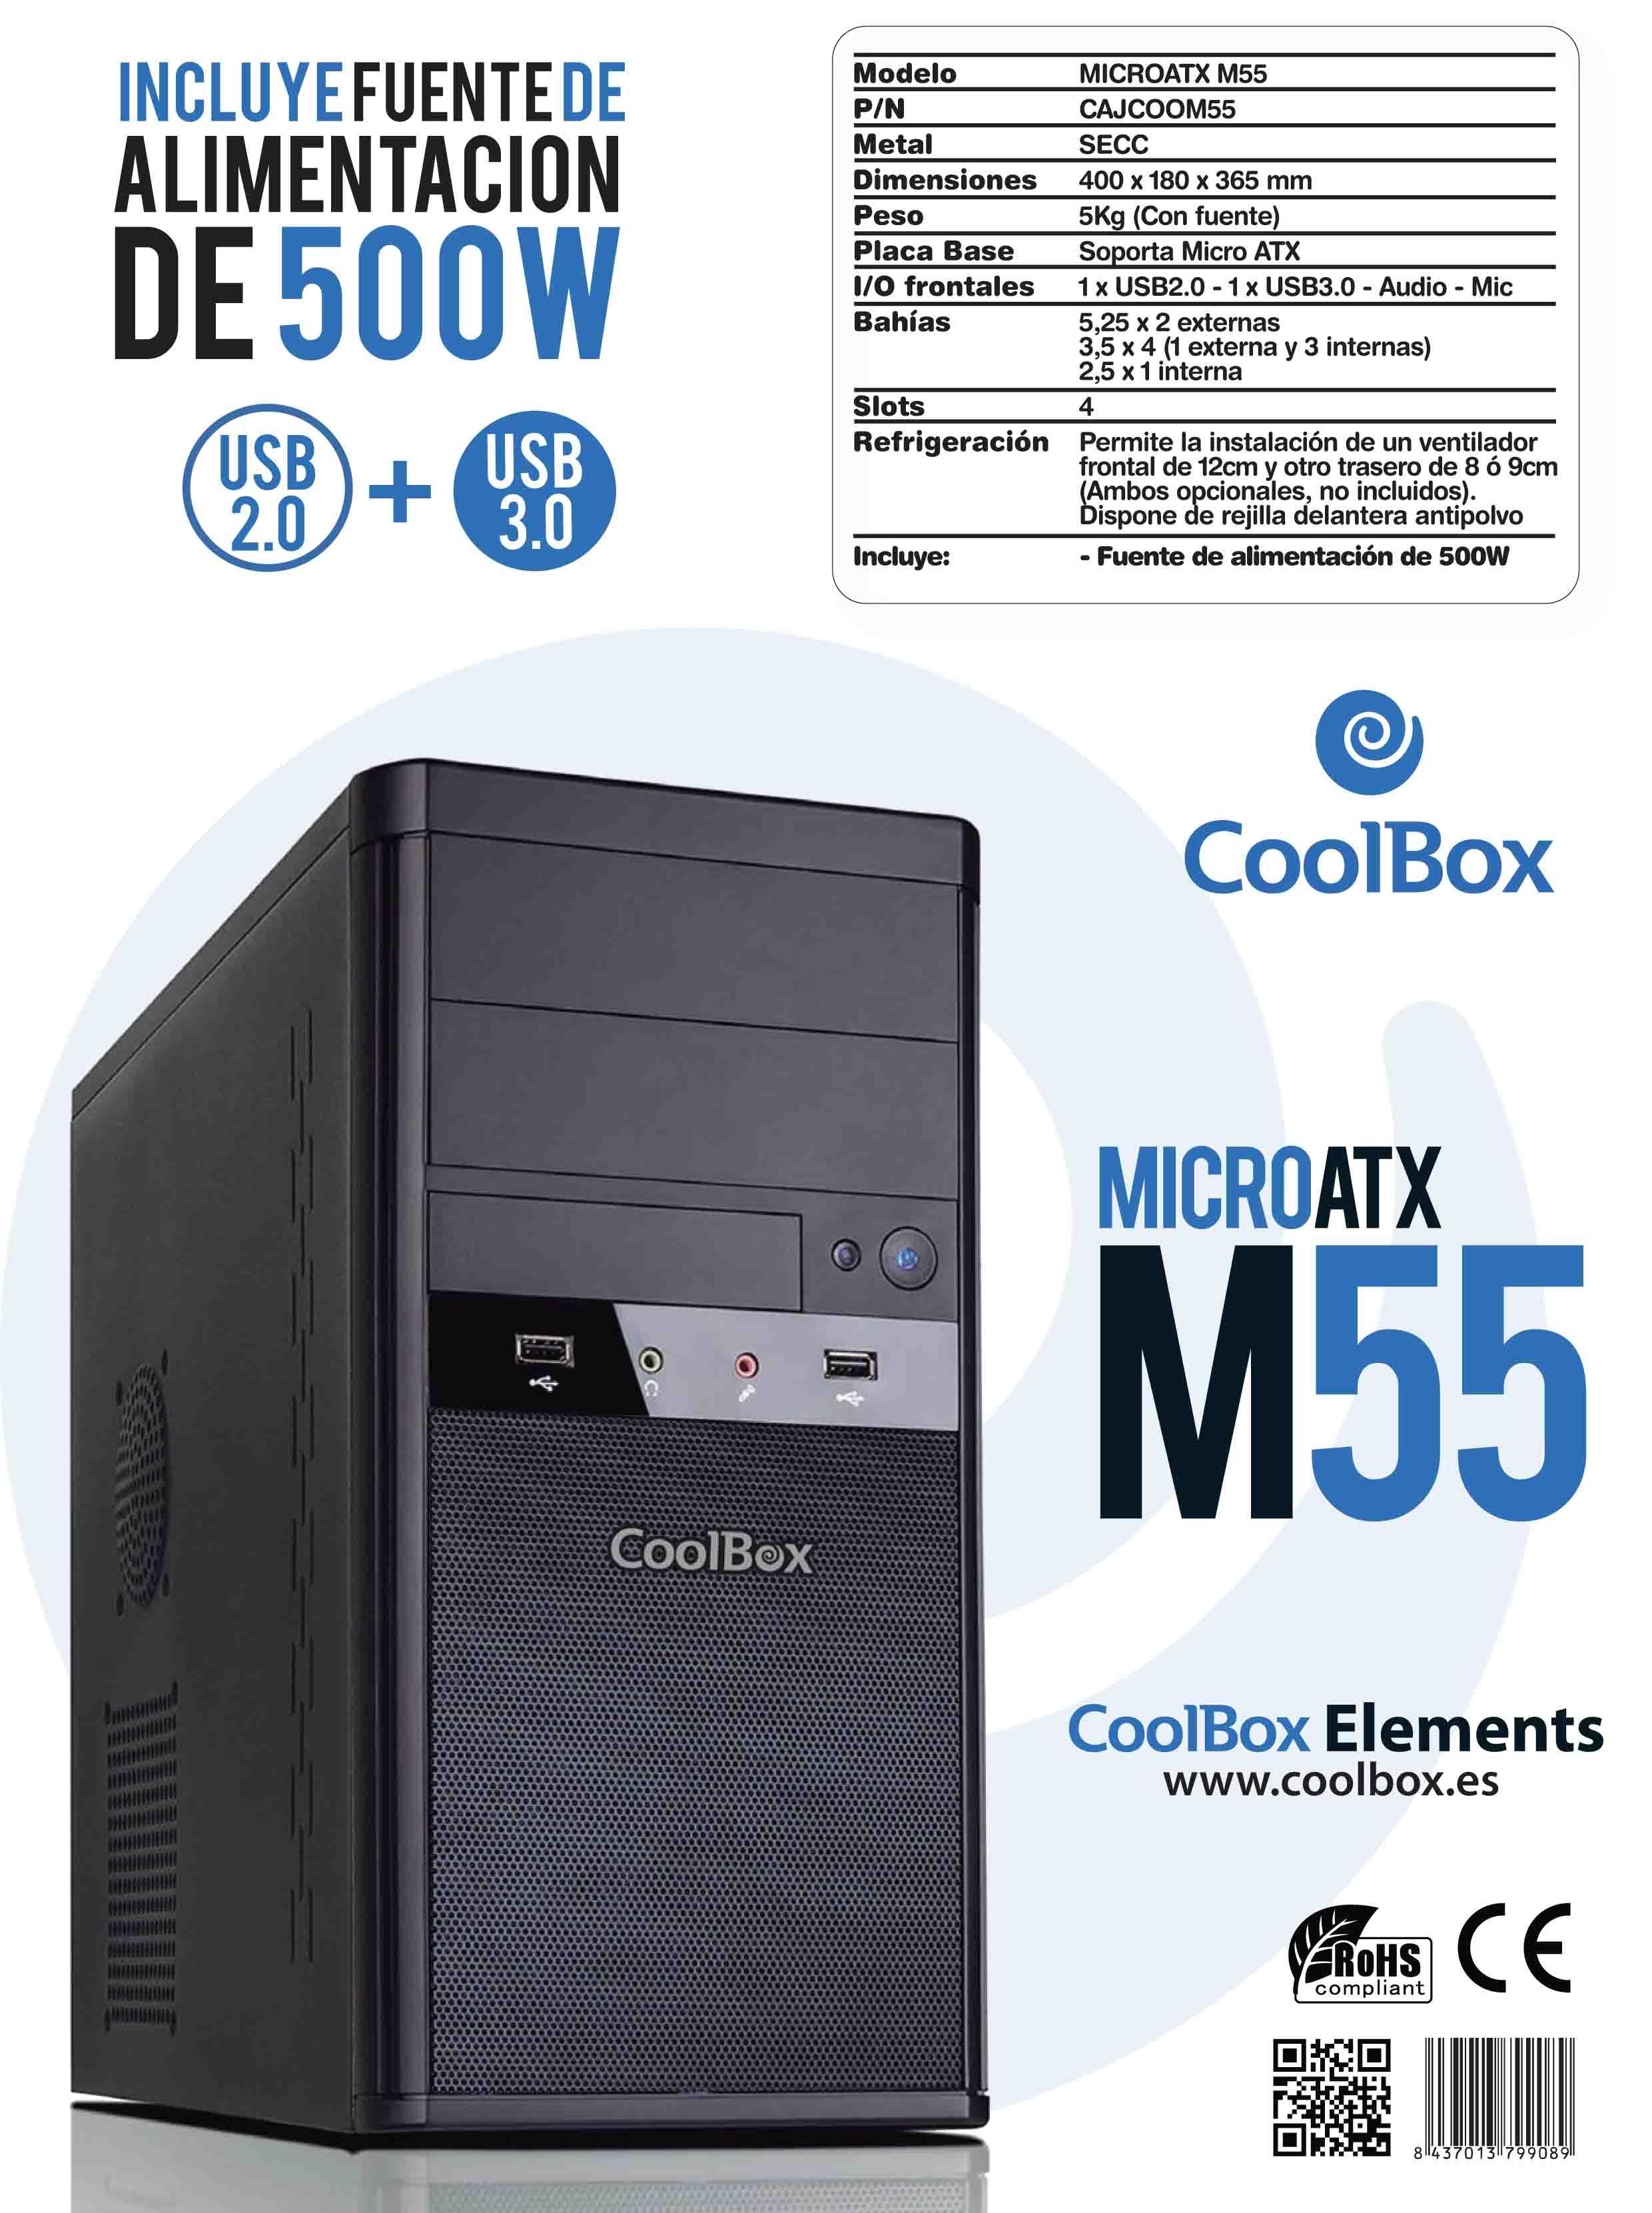 CAJA MICRO ATX COOLBOX M55 USB3.0 500W